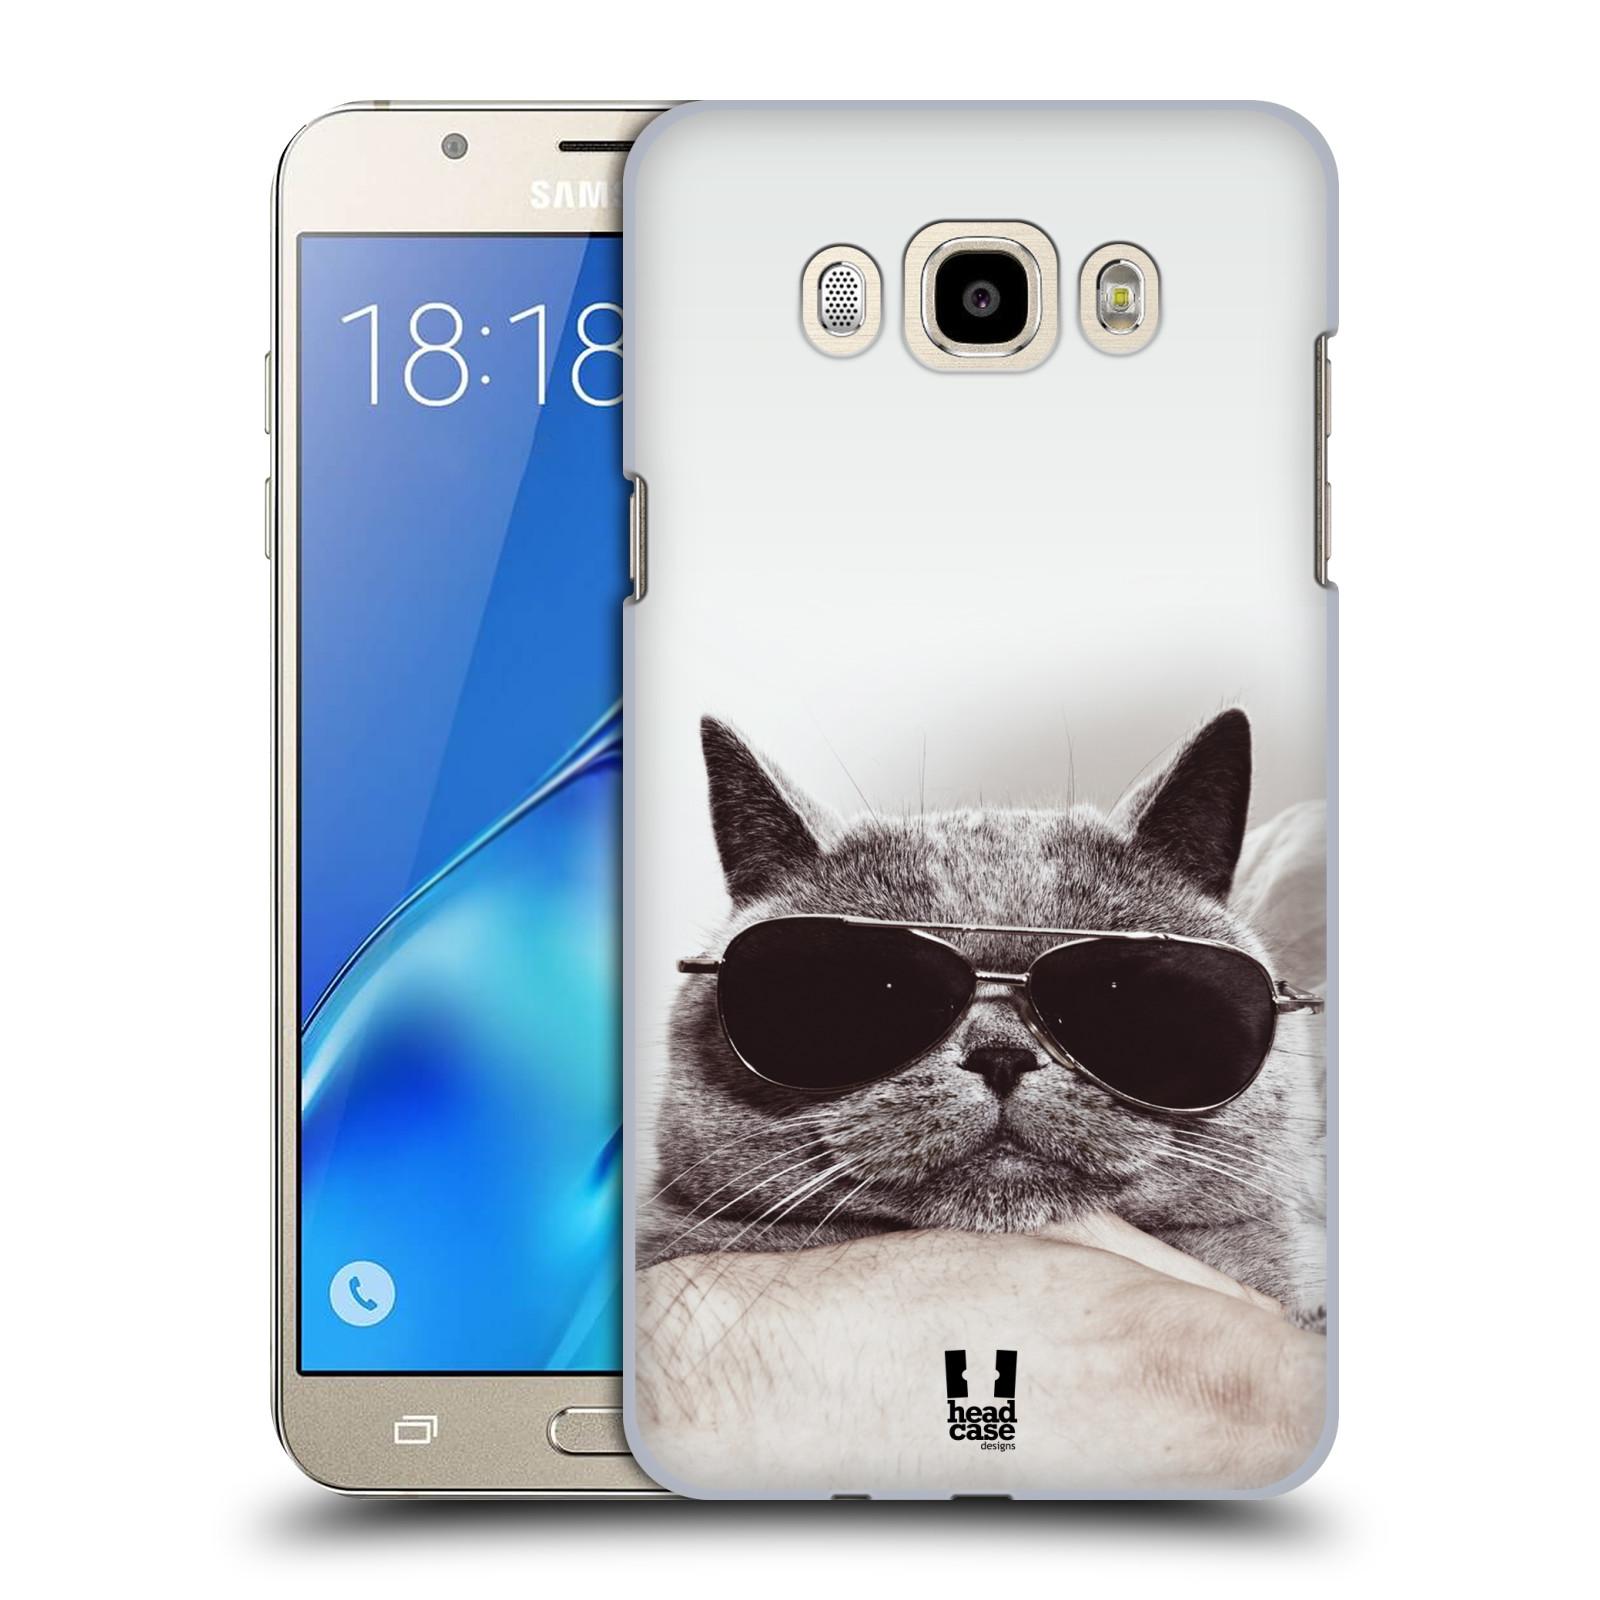 Plastové pouzdro na mobil Samsung Galaxy J7 (2016) HEAD CASE KOTĚ S BRÝLEMI (Plastový kryt či obal na mobilní telefon Samsung Galaxy J7 (2016) SM-J710F)